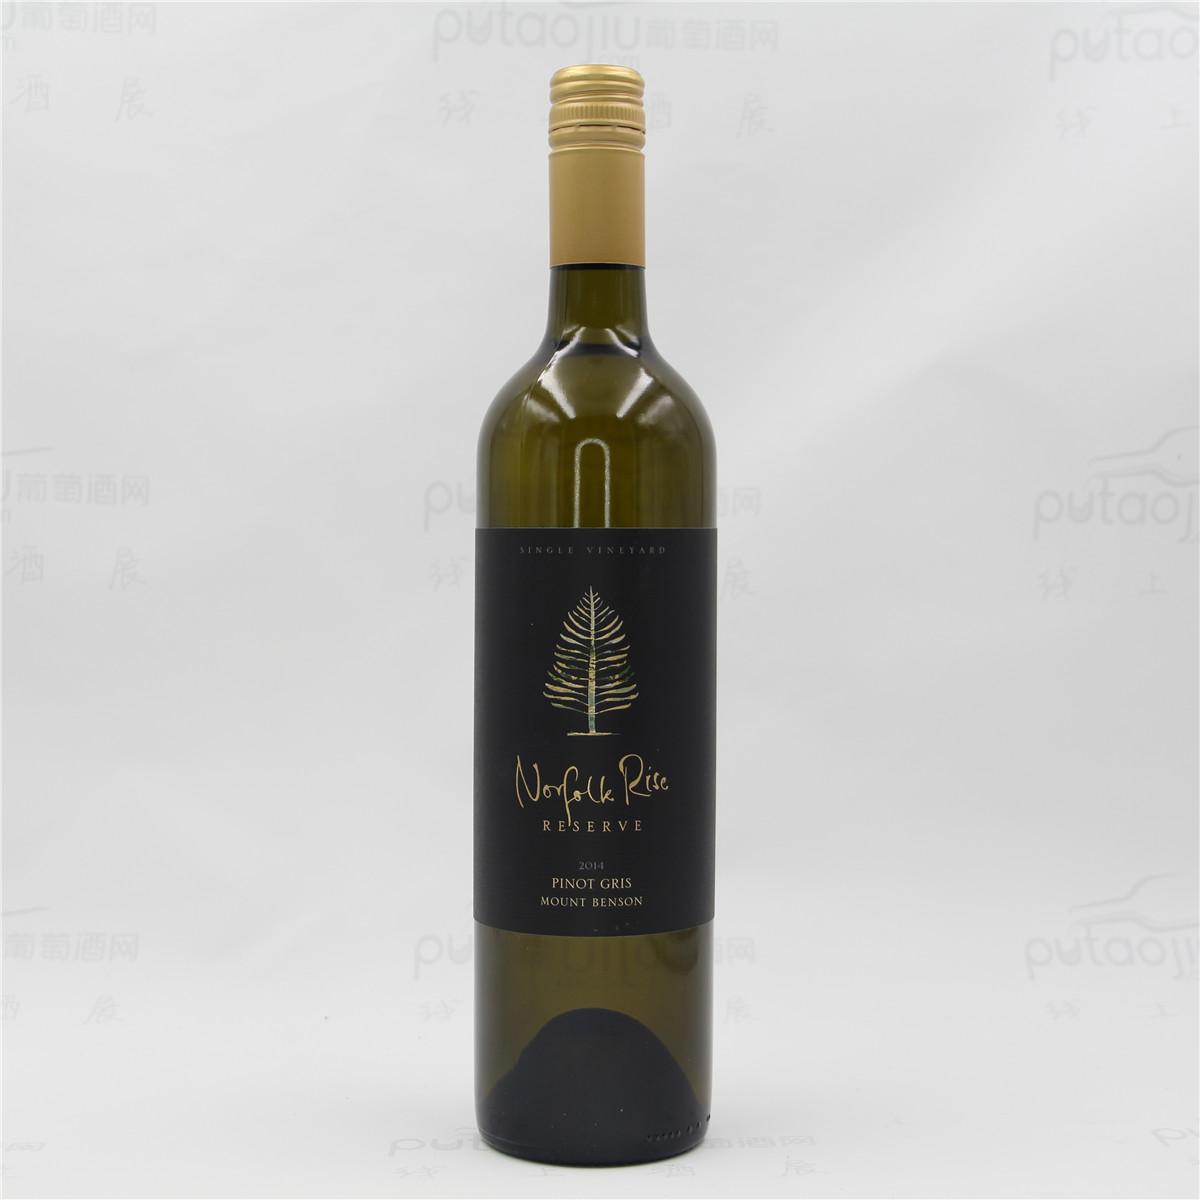 澳大利亚本逊山产区诺富酒庄灰皮诺准五星酒庄珍藏干红葡萄酒 2014